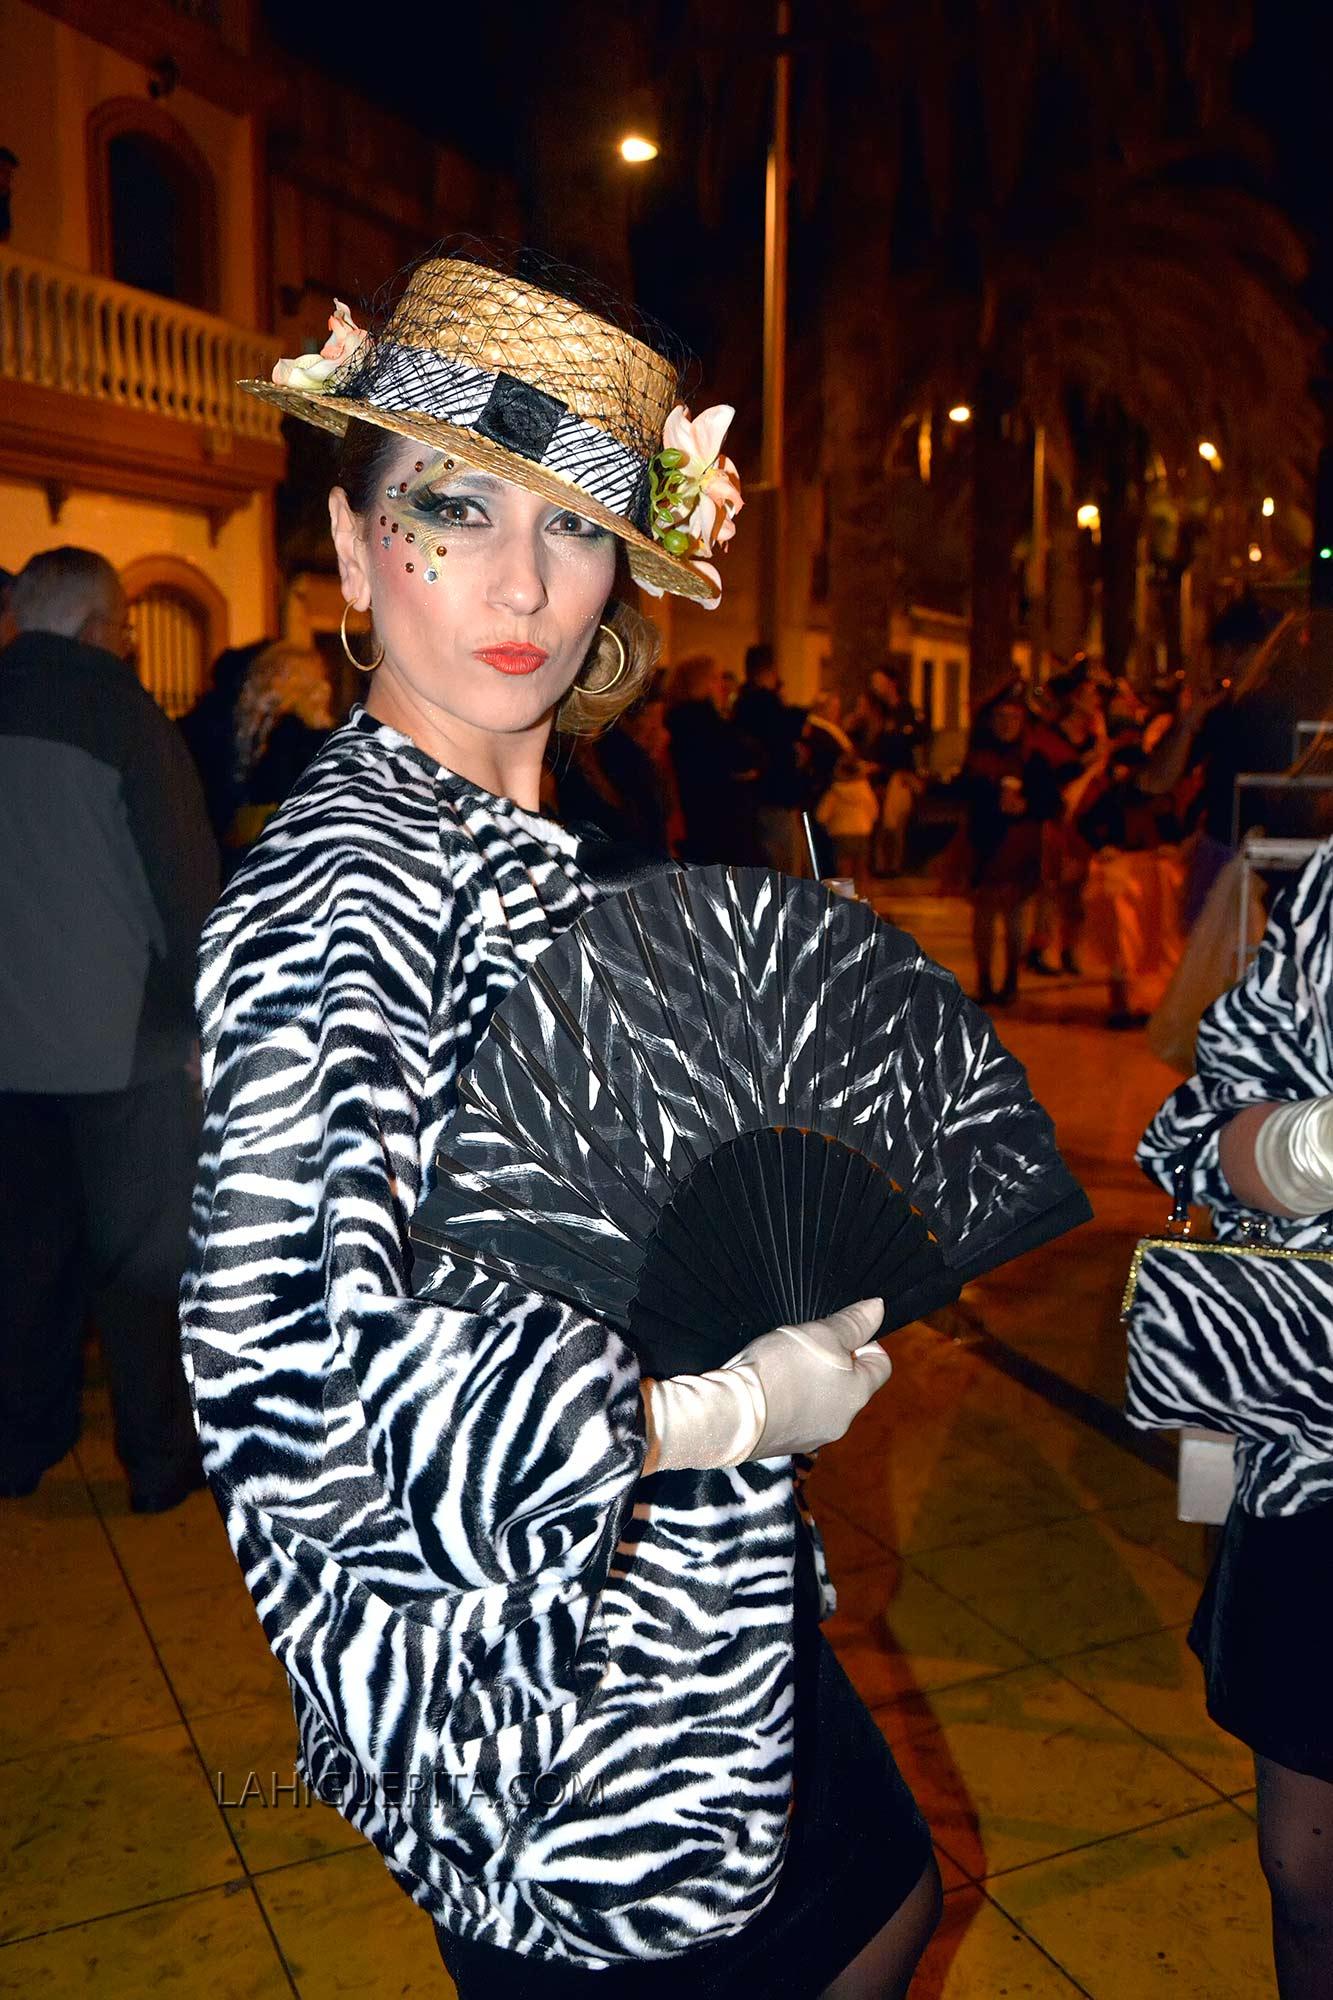 Entierro de la sardina carnaval isla cristina _DSC2243